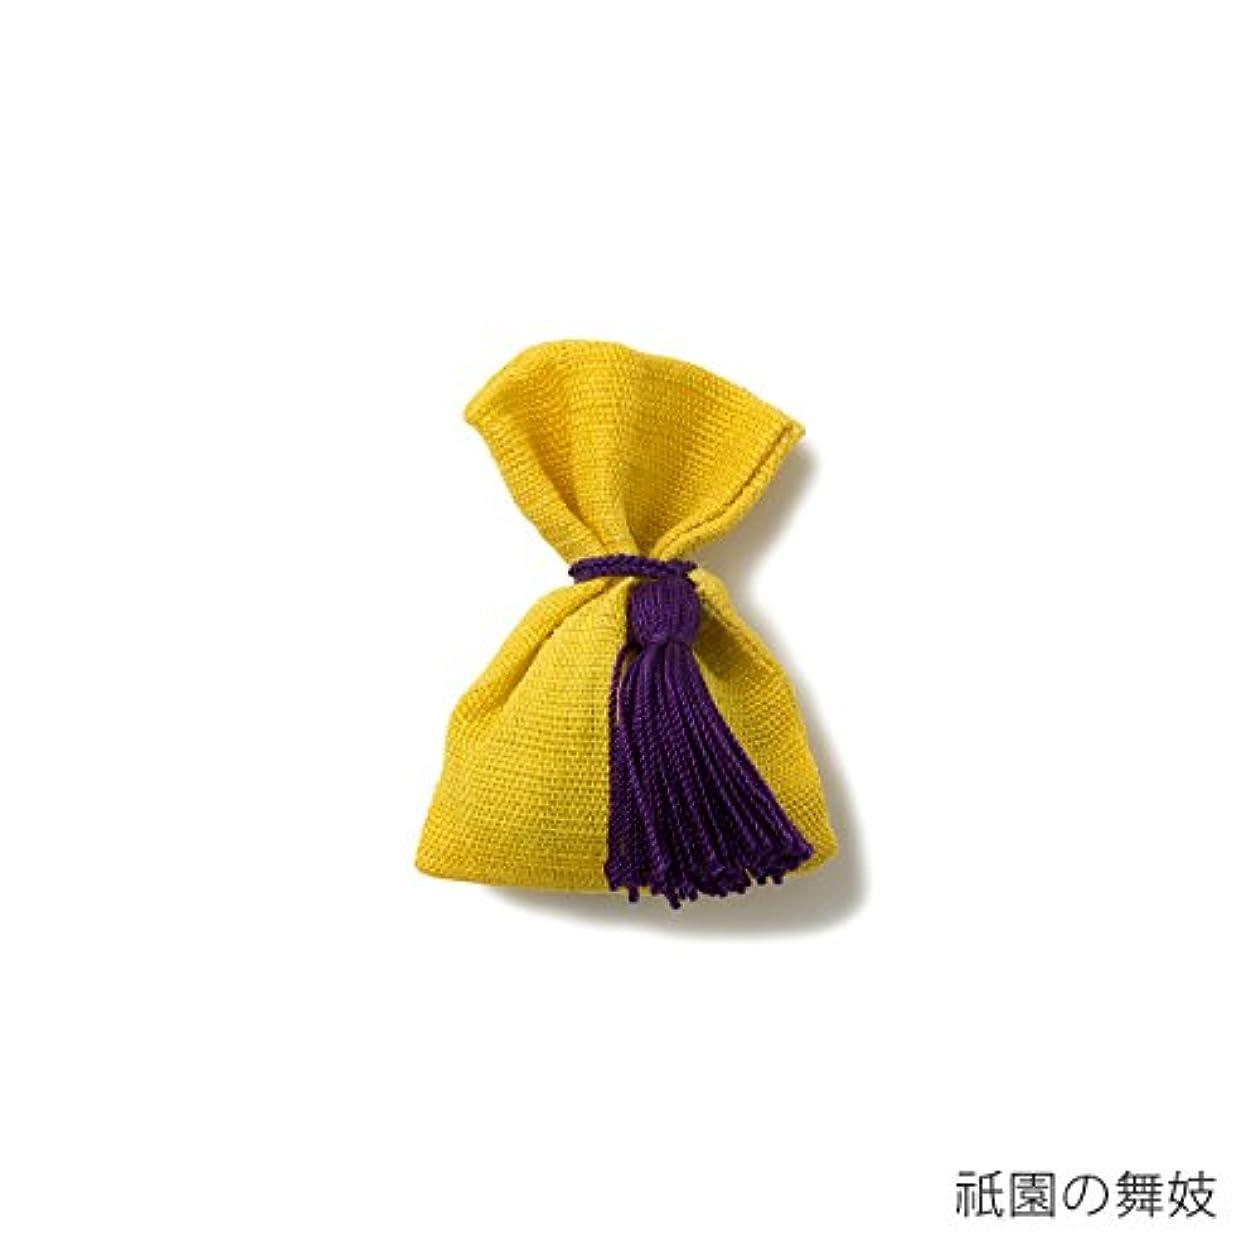 控えめな精神医学お金【薫玉堂】 京の香り 香袋 祇園の舞妓